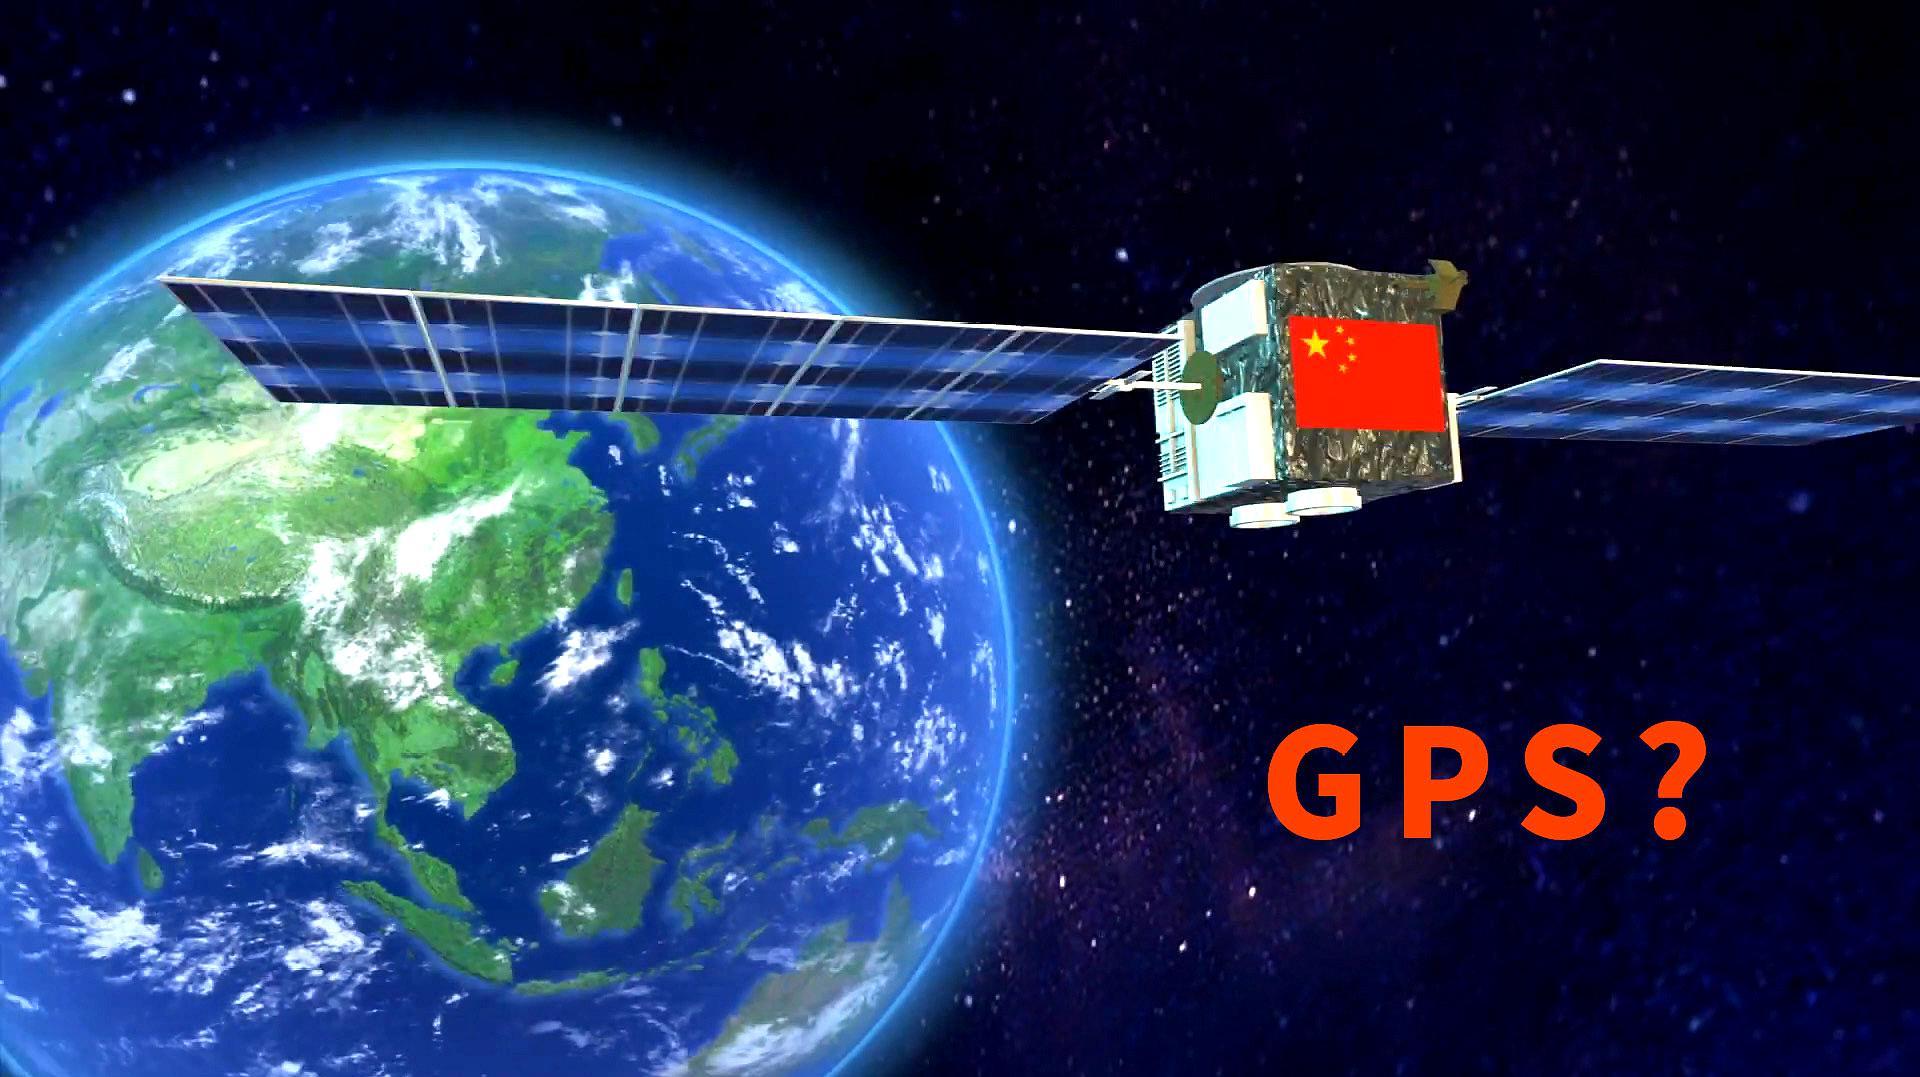 中国已经有了北斗导航,为什么还在使用GPS?科学家给出解释